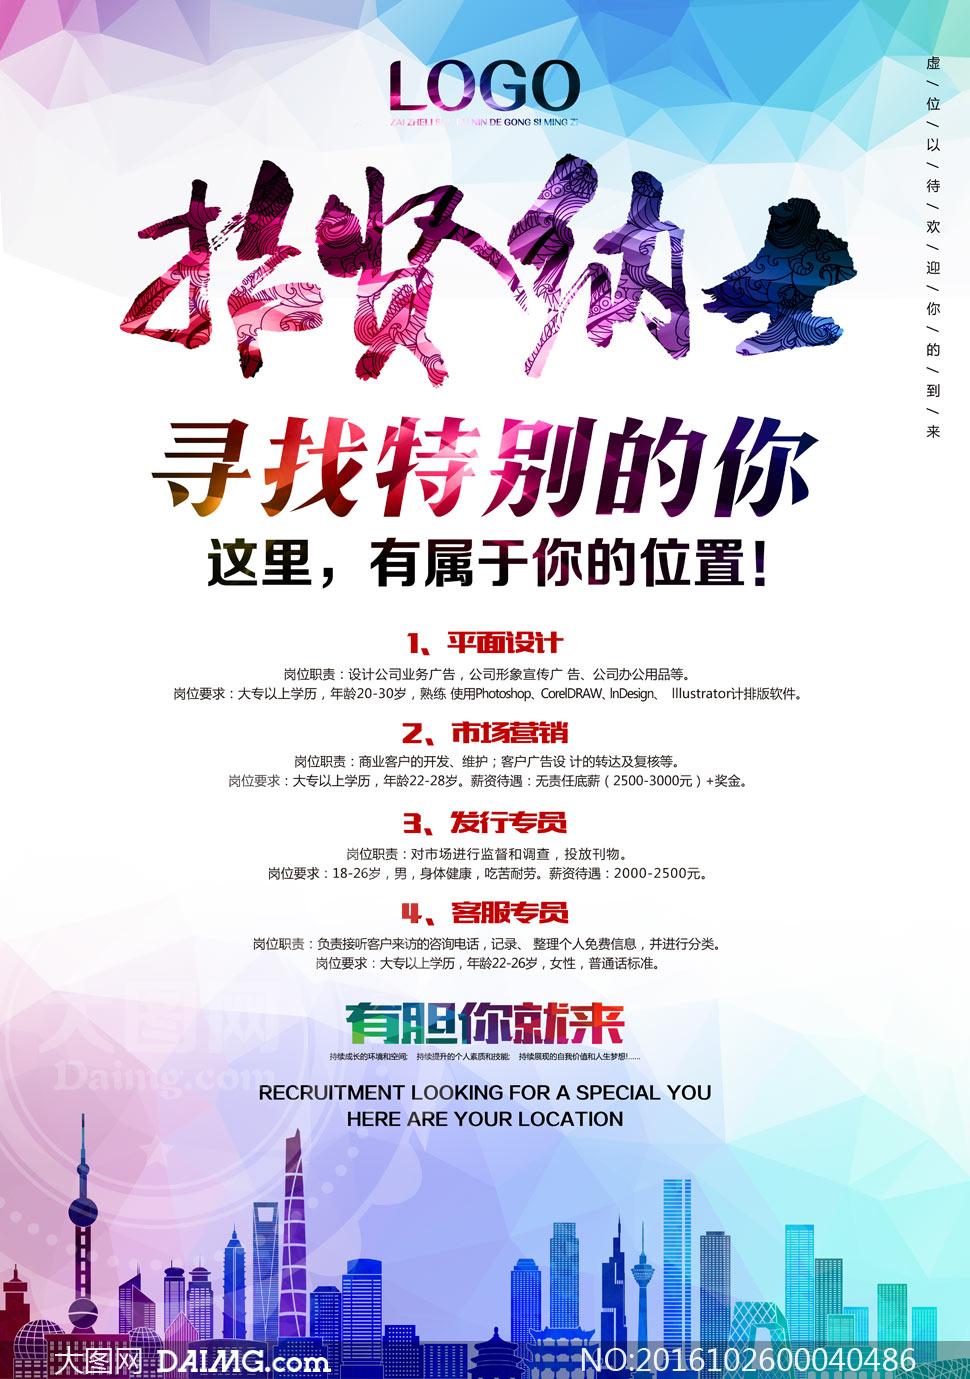 企业招贤纳士招聘宣传海报psd素材